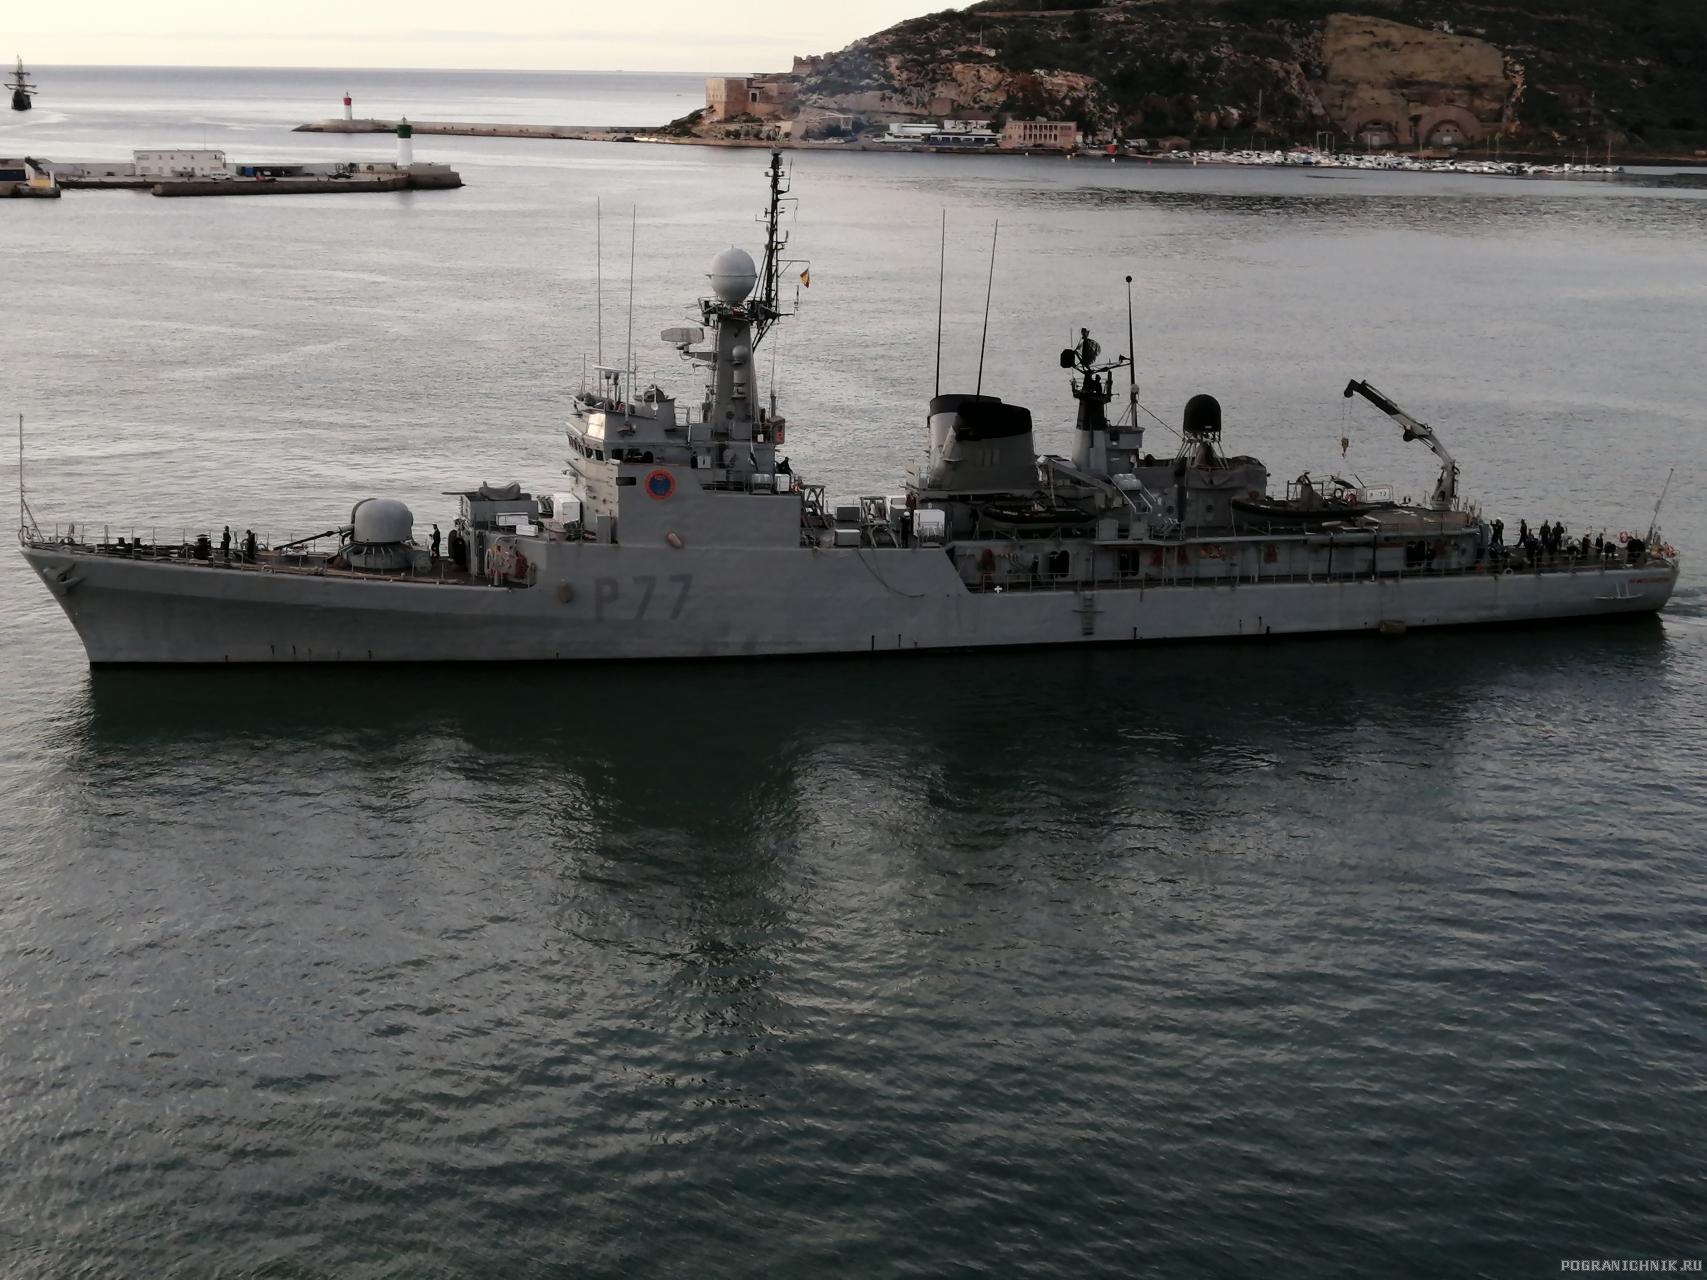 IMG 20191209 085311Патрульный корабль ВМС Испании «Infanta Cristina» типа  «Descubierta»